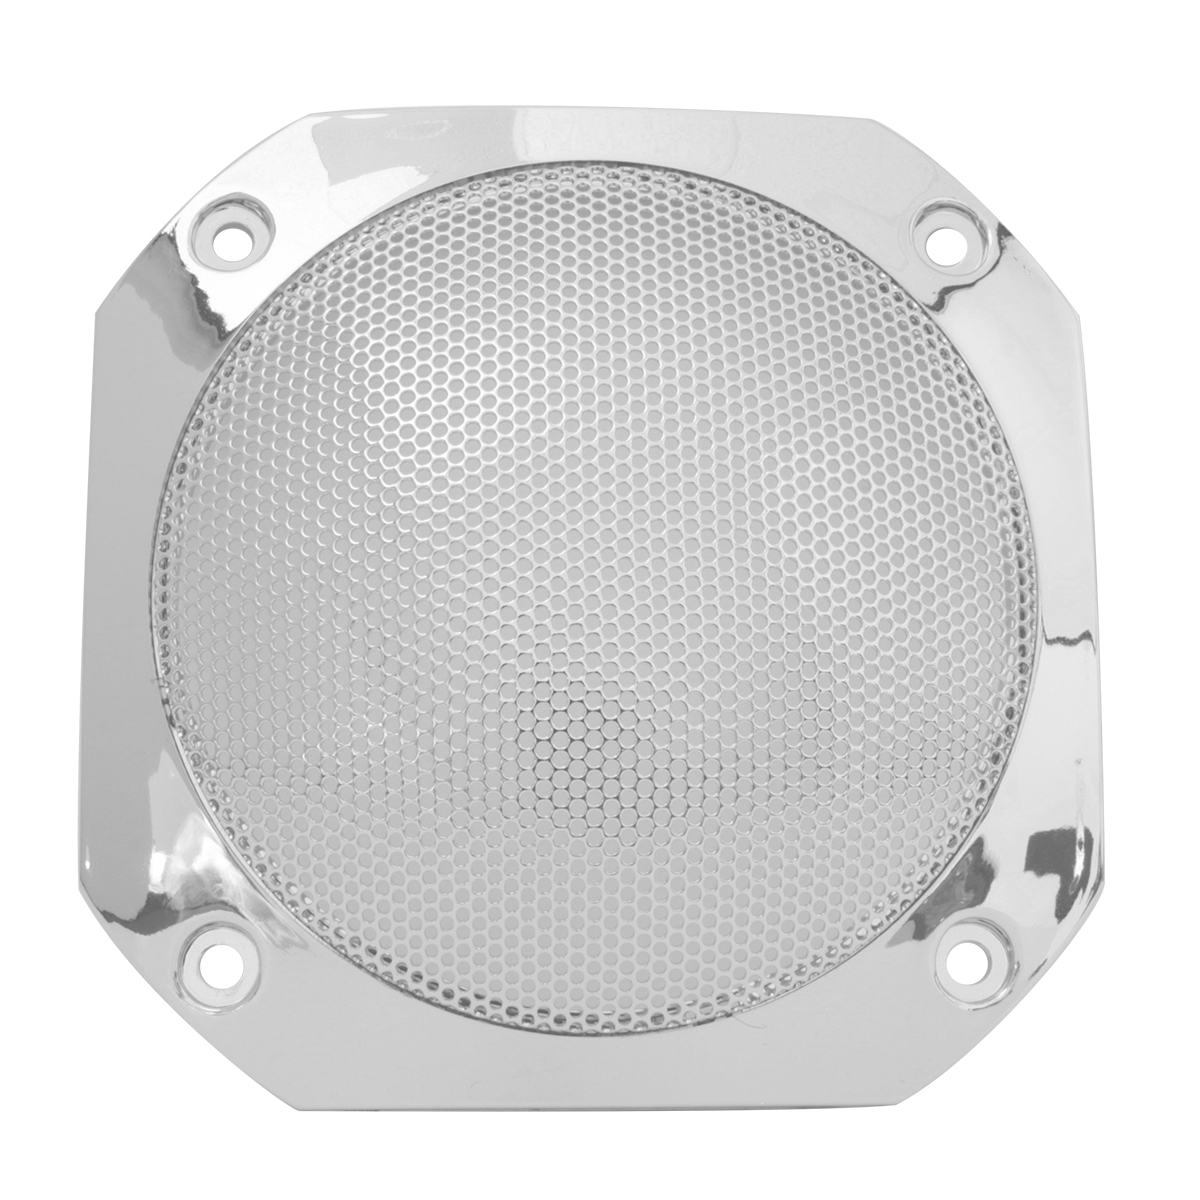 52020 International Chrome Plastic Speaker Cover